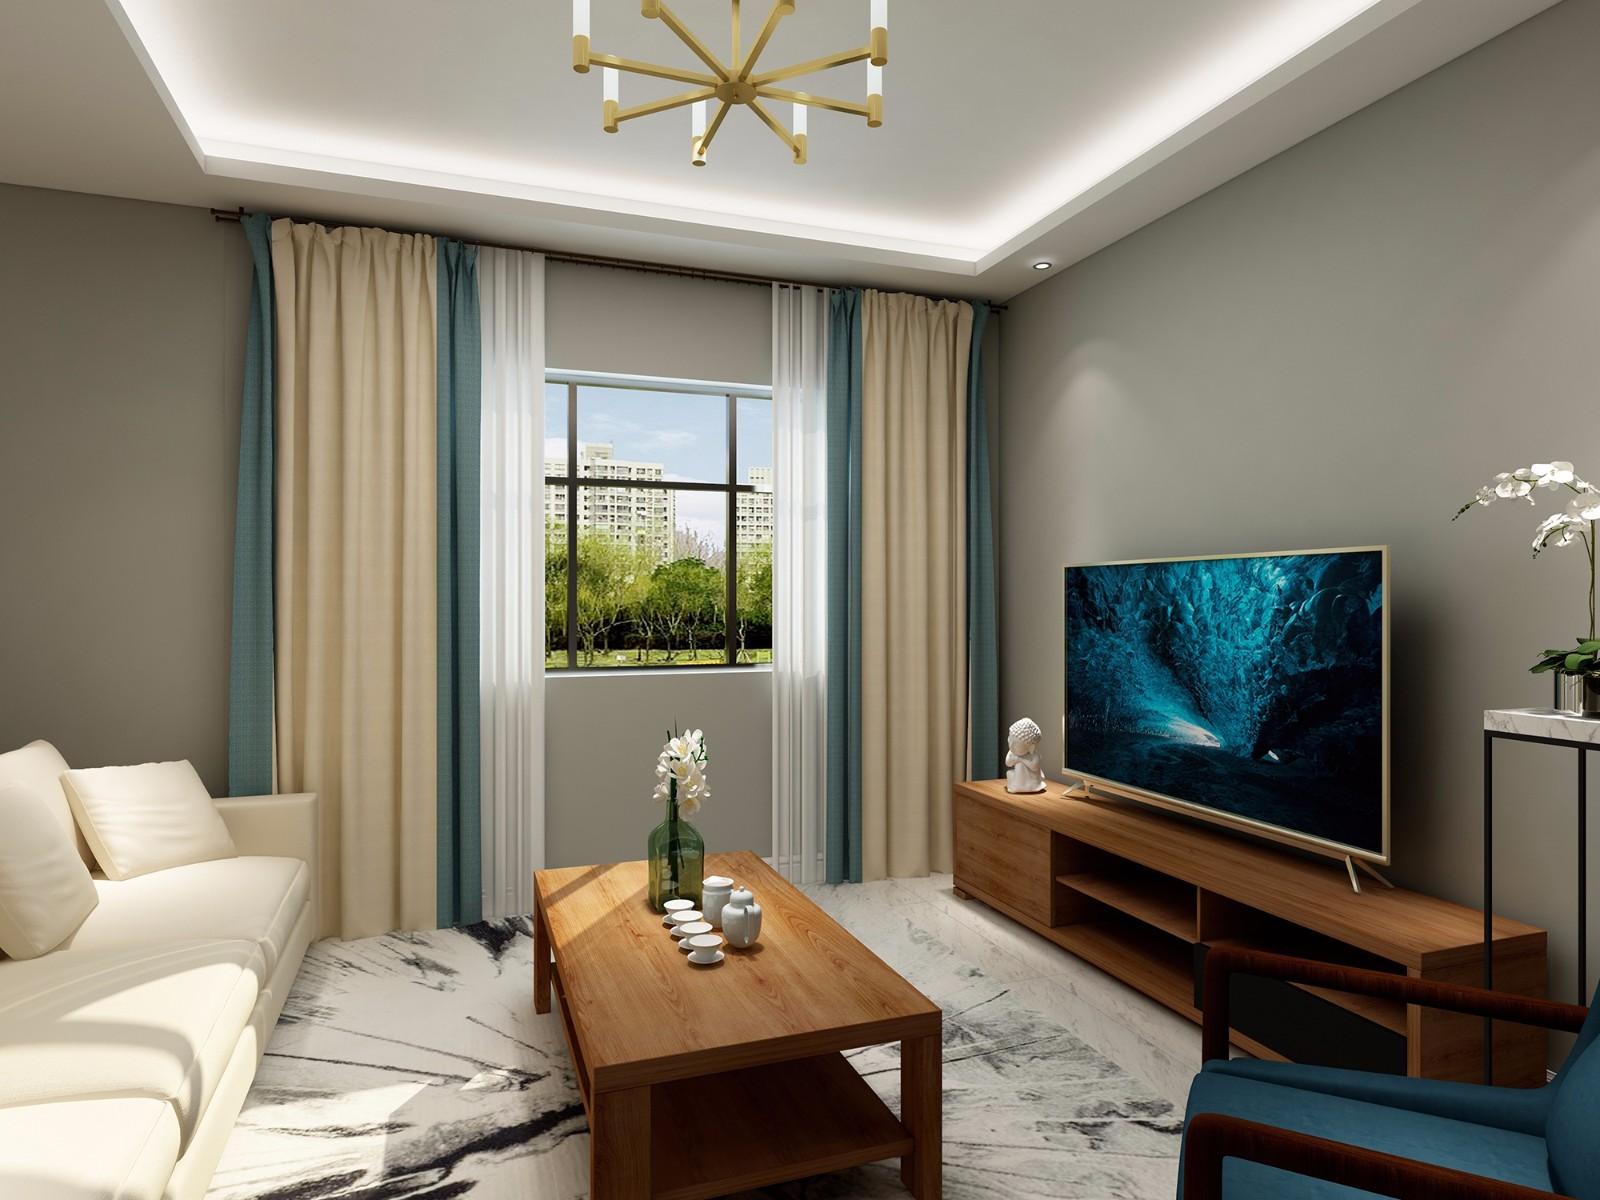 简约中式风格客厅装修效果图